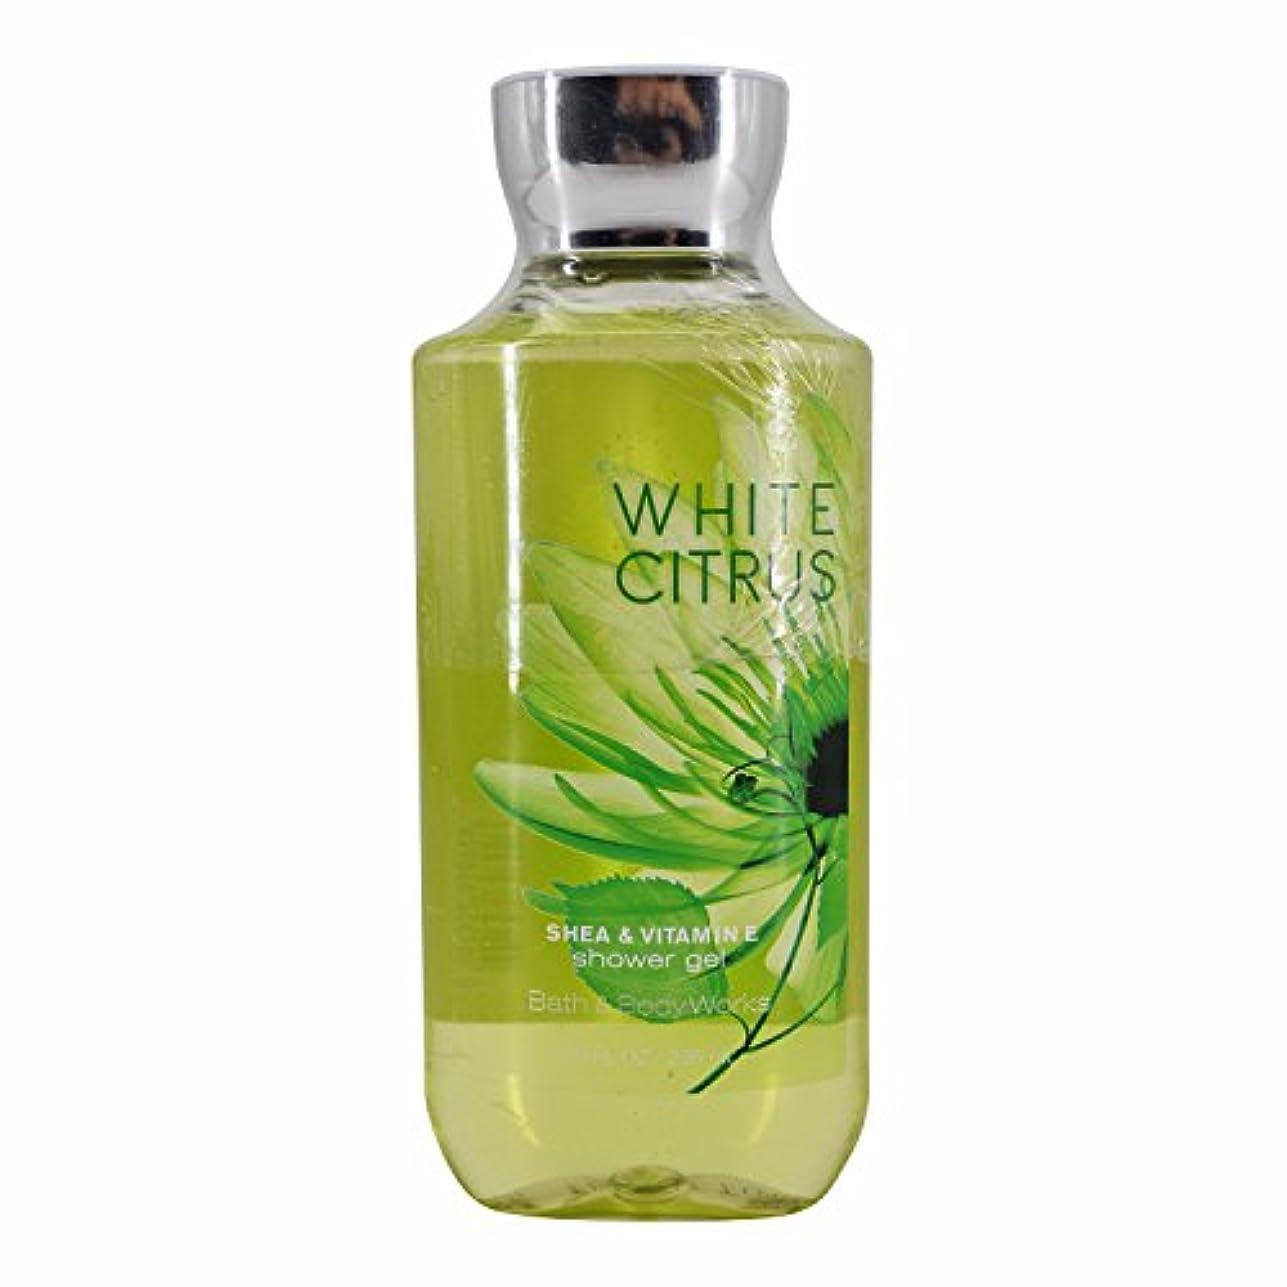 責セイはさておきすべきバス&ボディワークス ホワイトシトラス シャワージェル White Citrus Shea & Vitamin-E Shower Gel